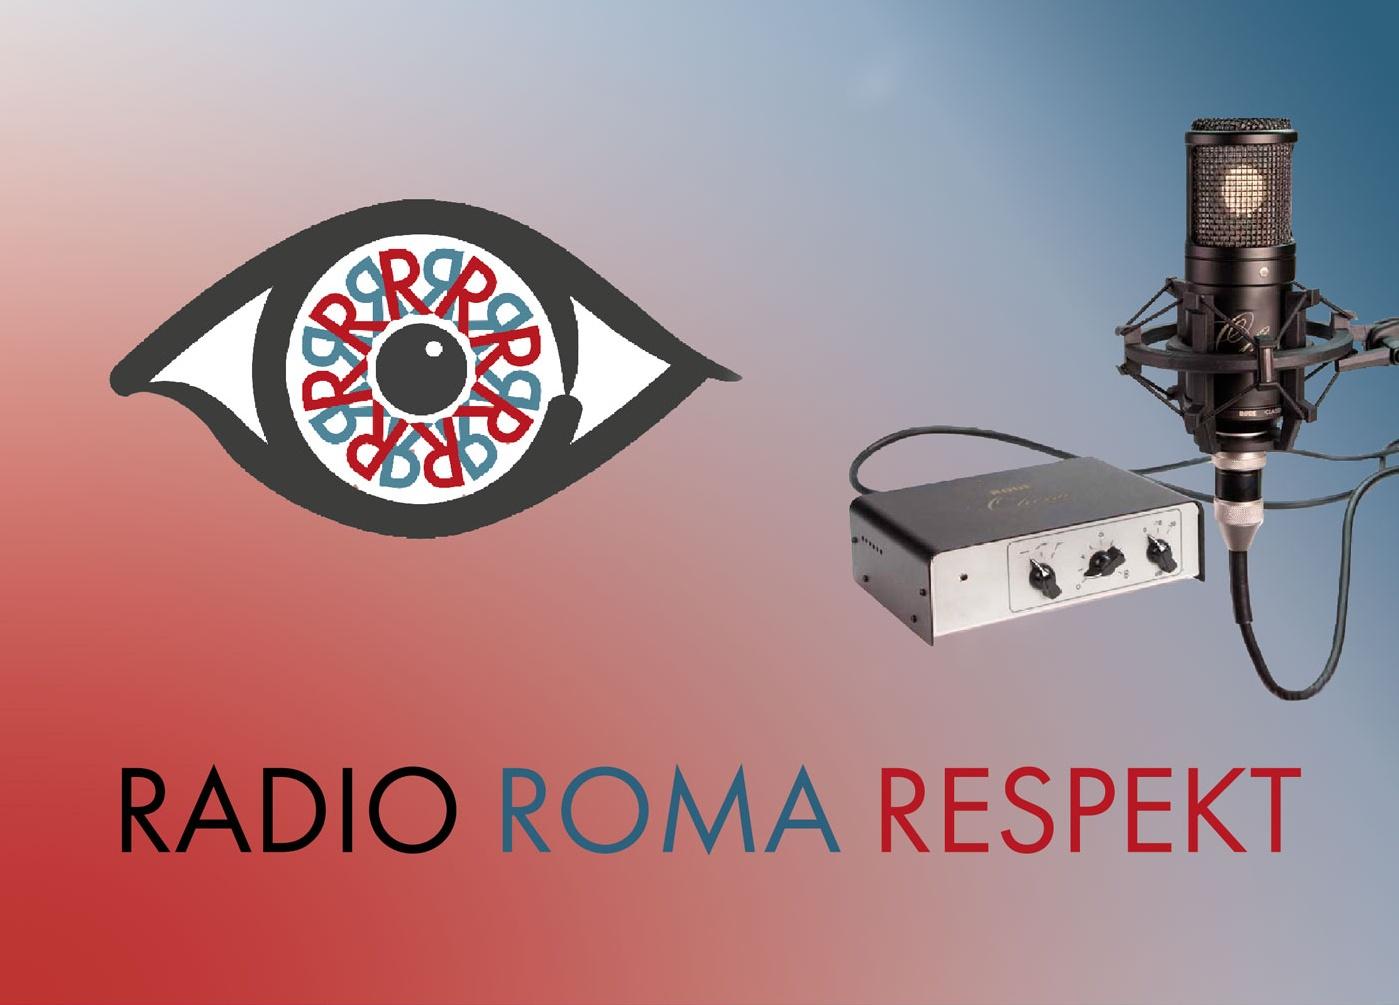 Radio RomaRespekt